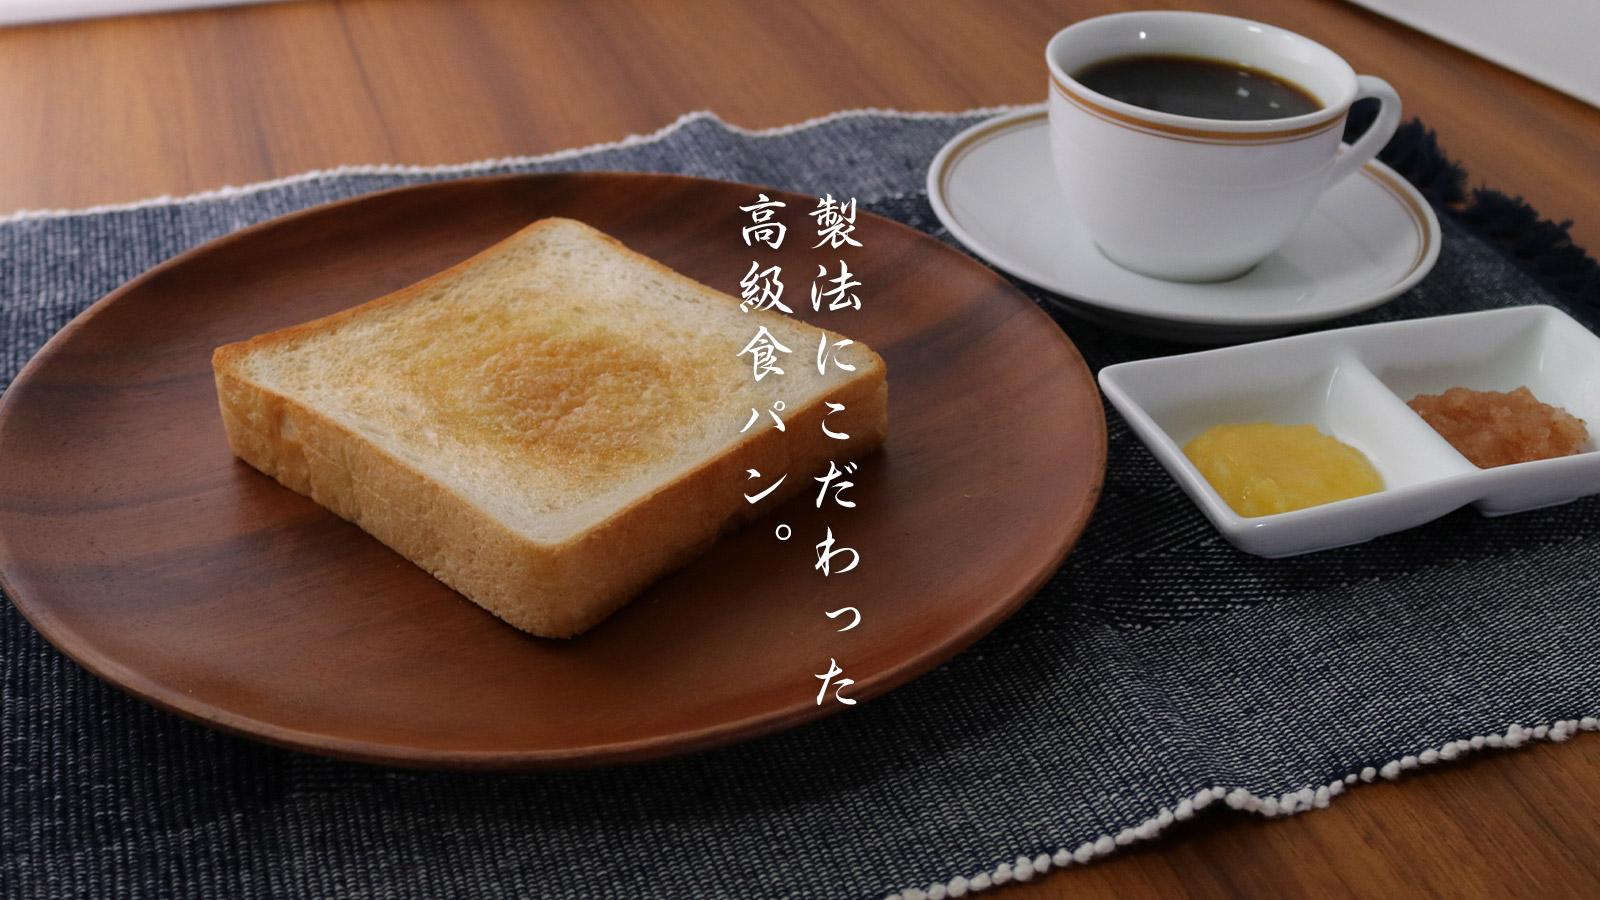 製法にこだわった高級食パン